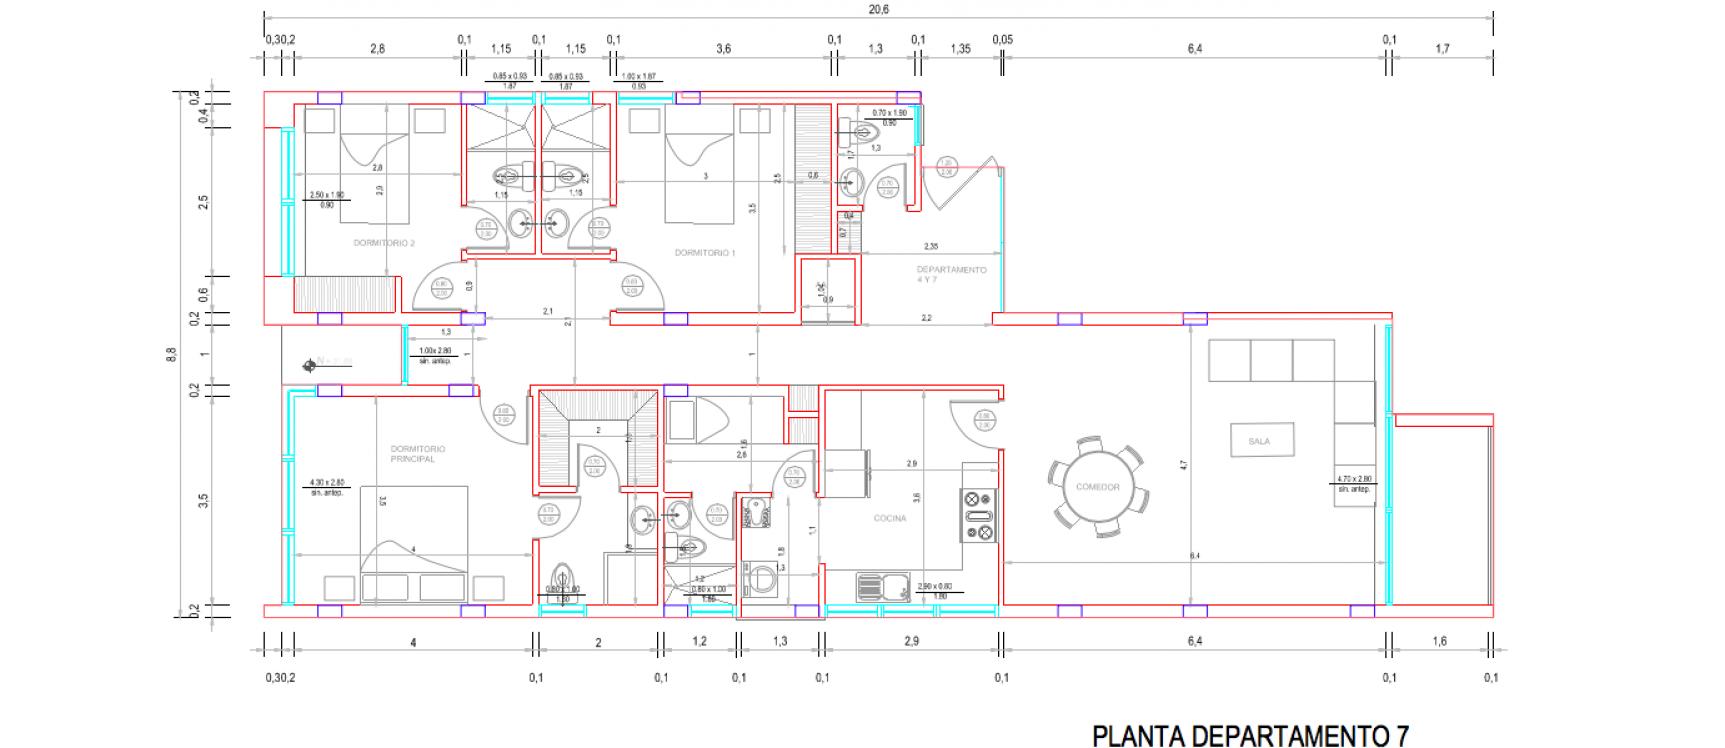 GeoBienes - D7 - Departamento en venta en segundo piso Los Ceibos Guayaquil - Plusvalia Guayaquil Casas de venta y alquiler Inmobiliaria Ecuador